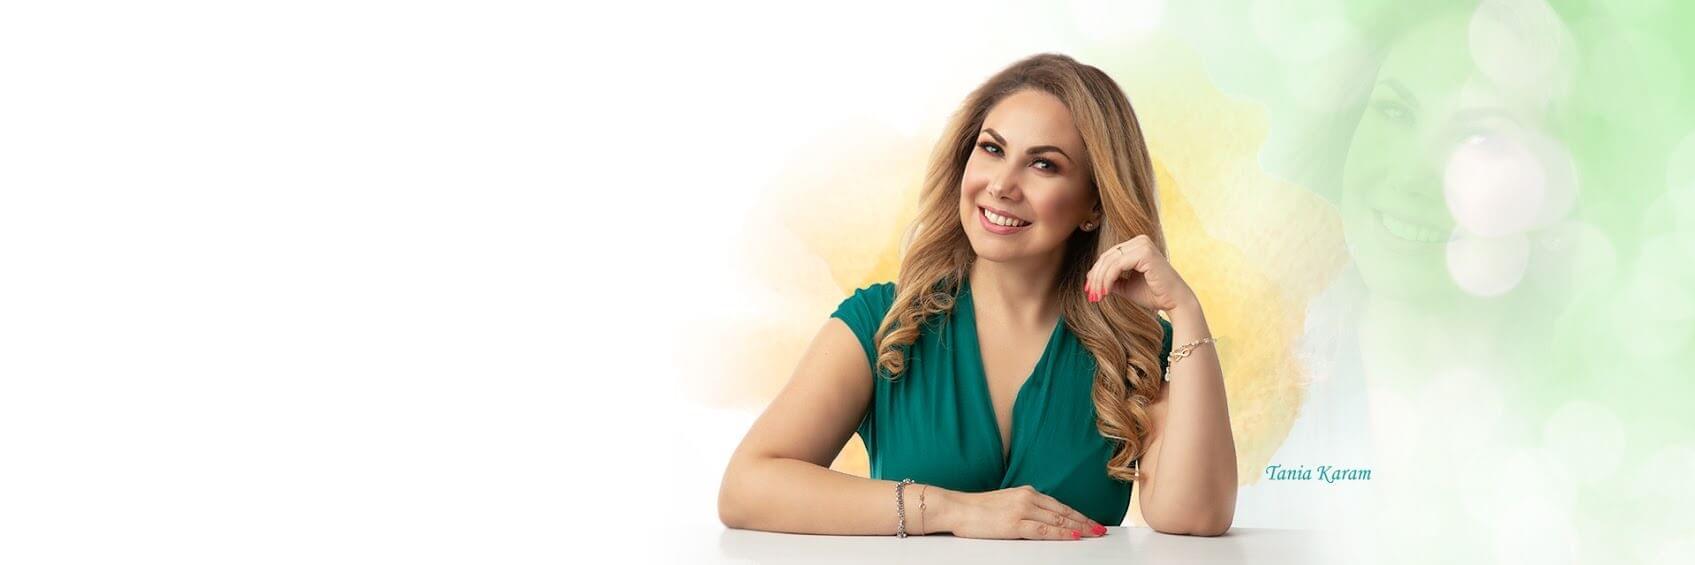 cursos Tania Karam